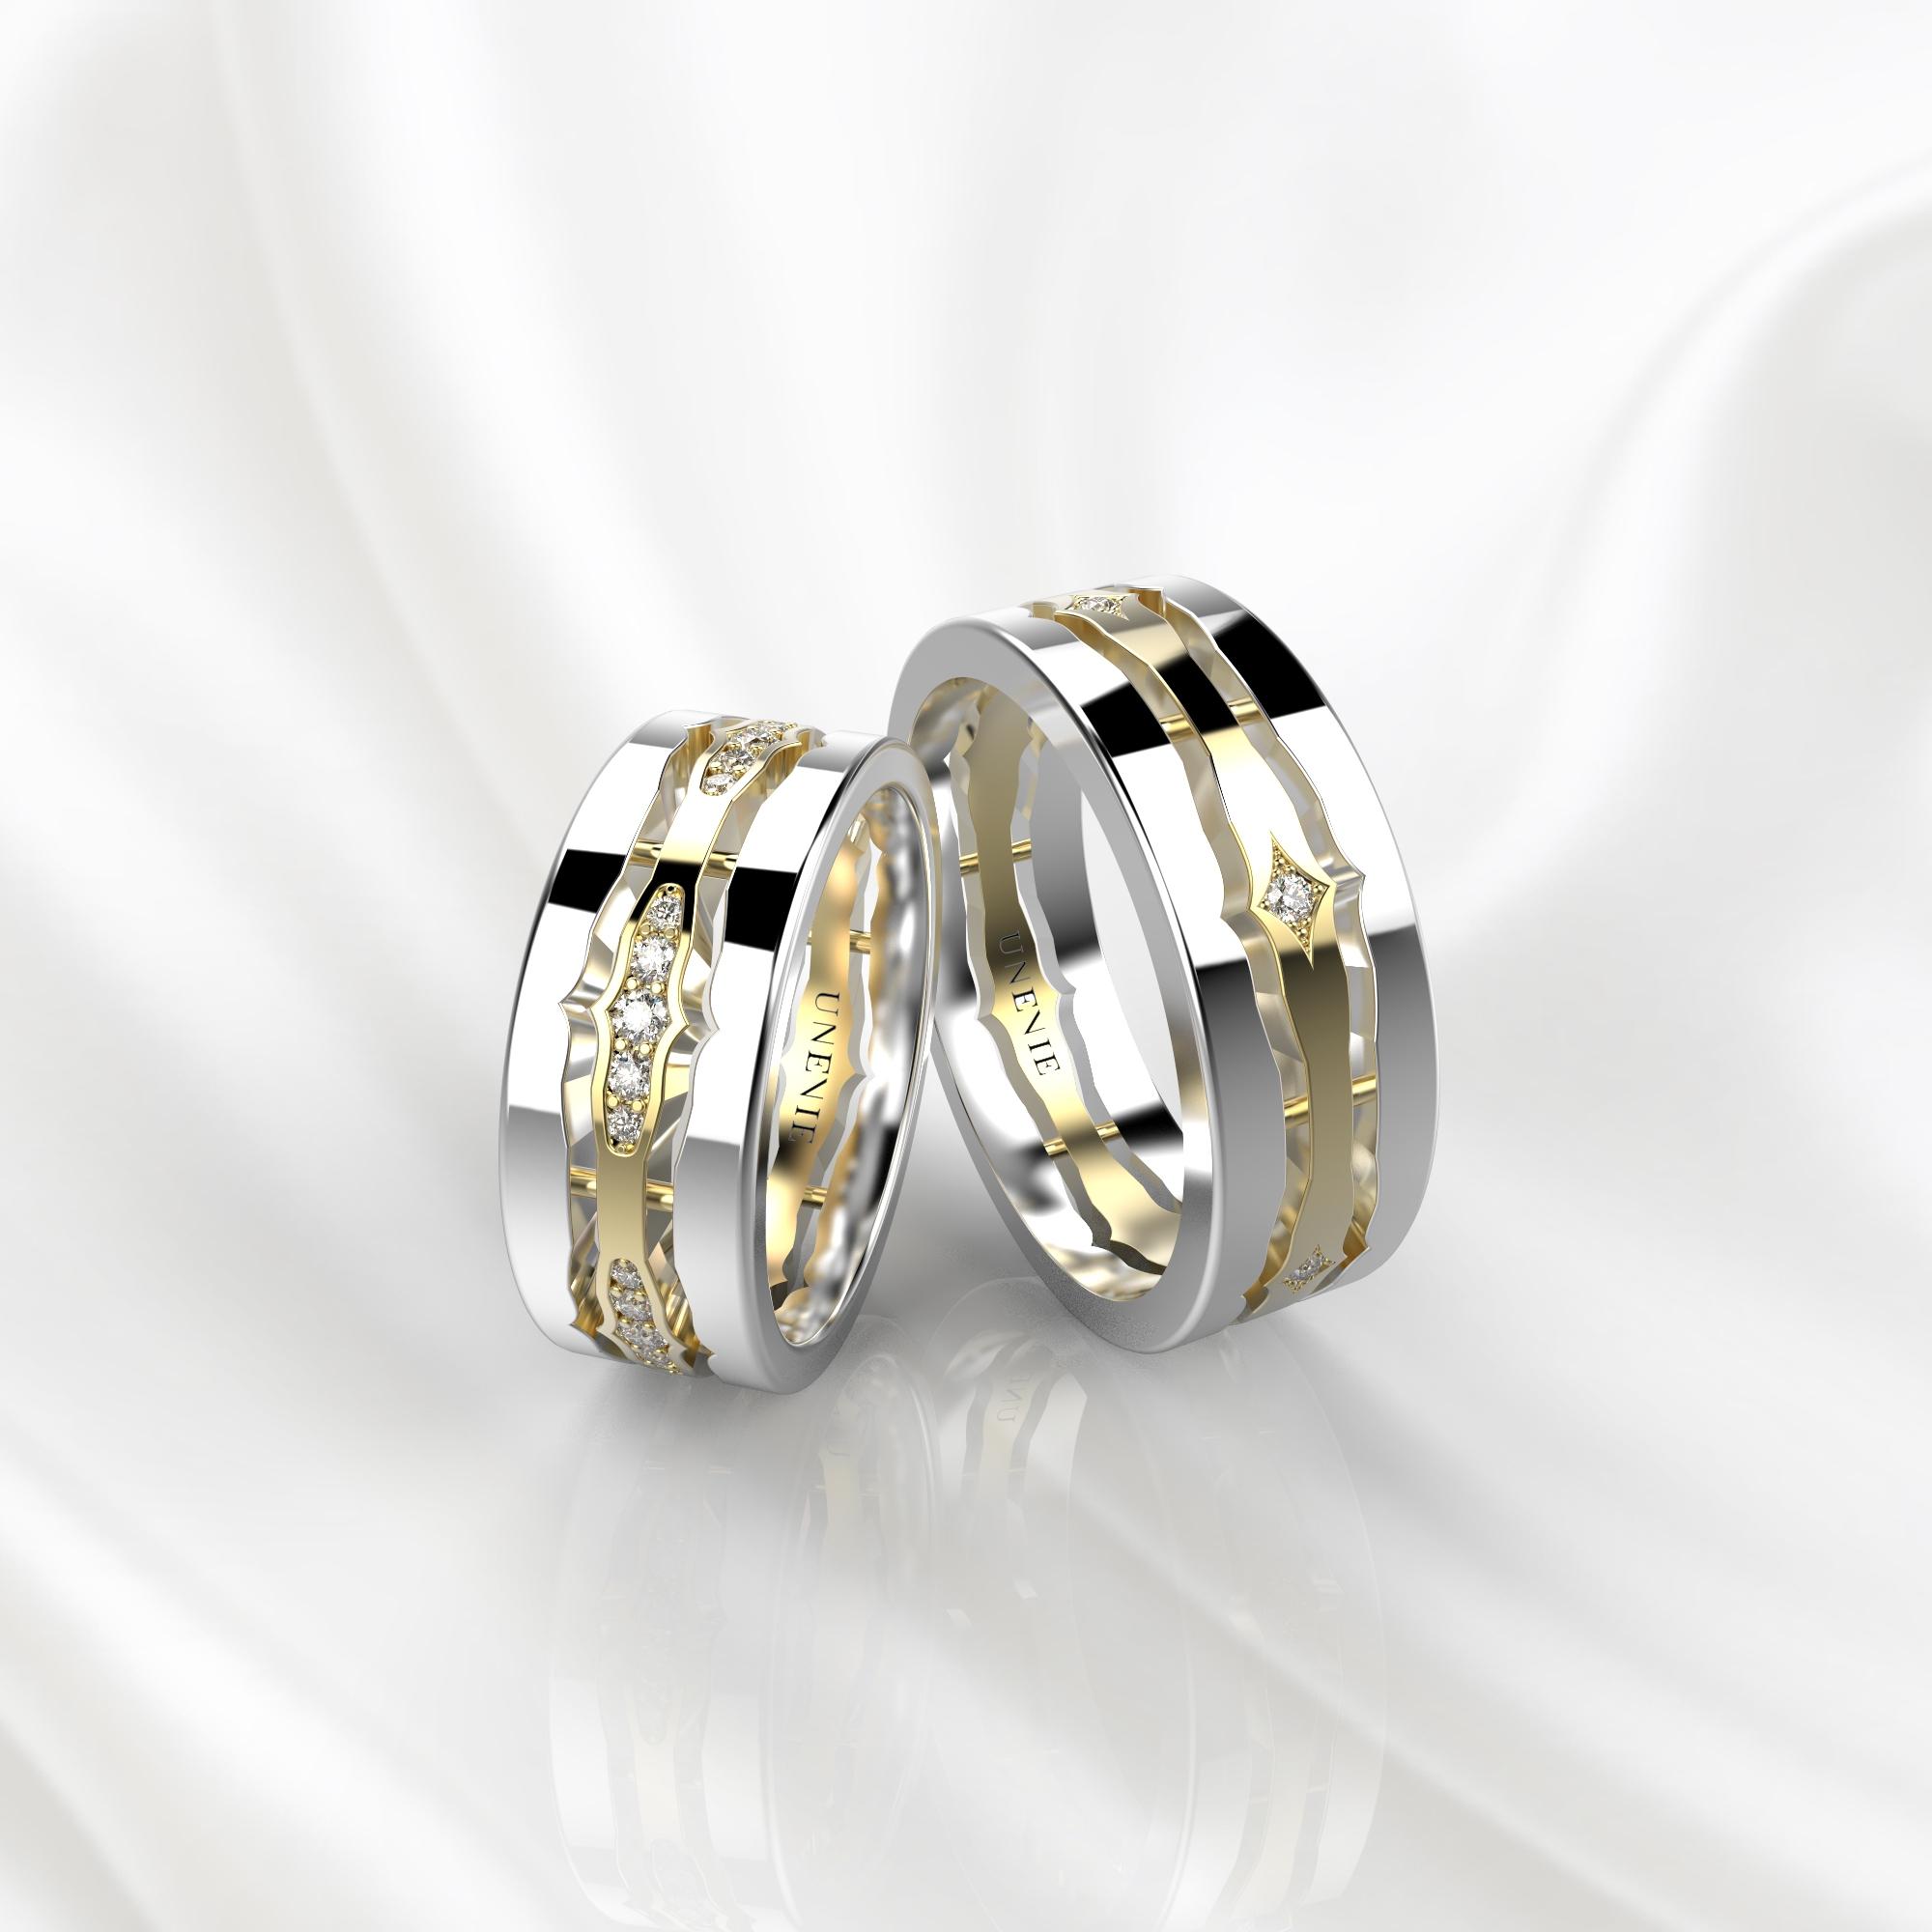 NV48 Парные обручальные кольца из бело-желтого золота с бриллиантами